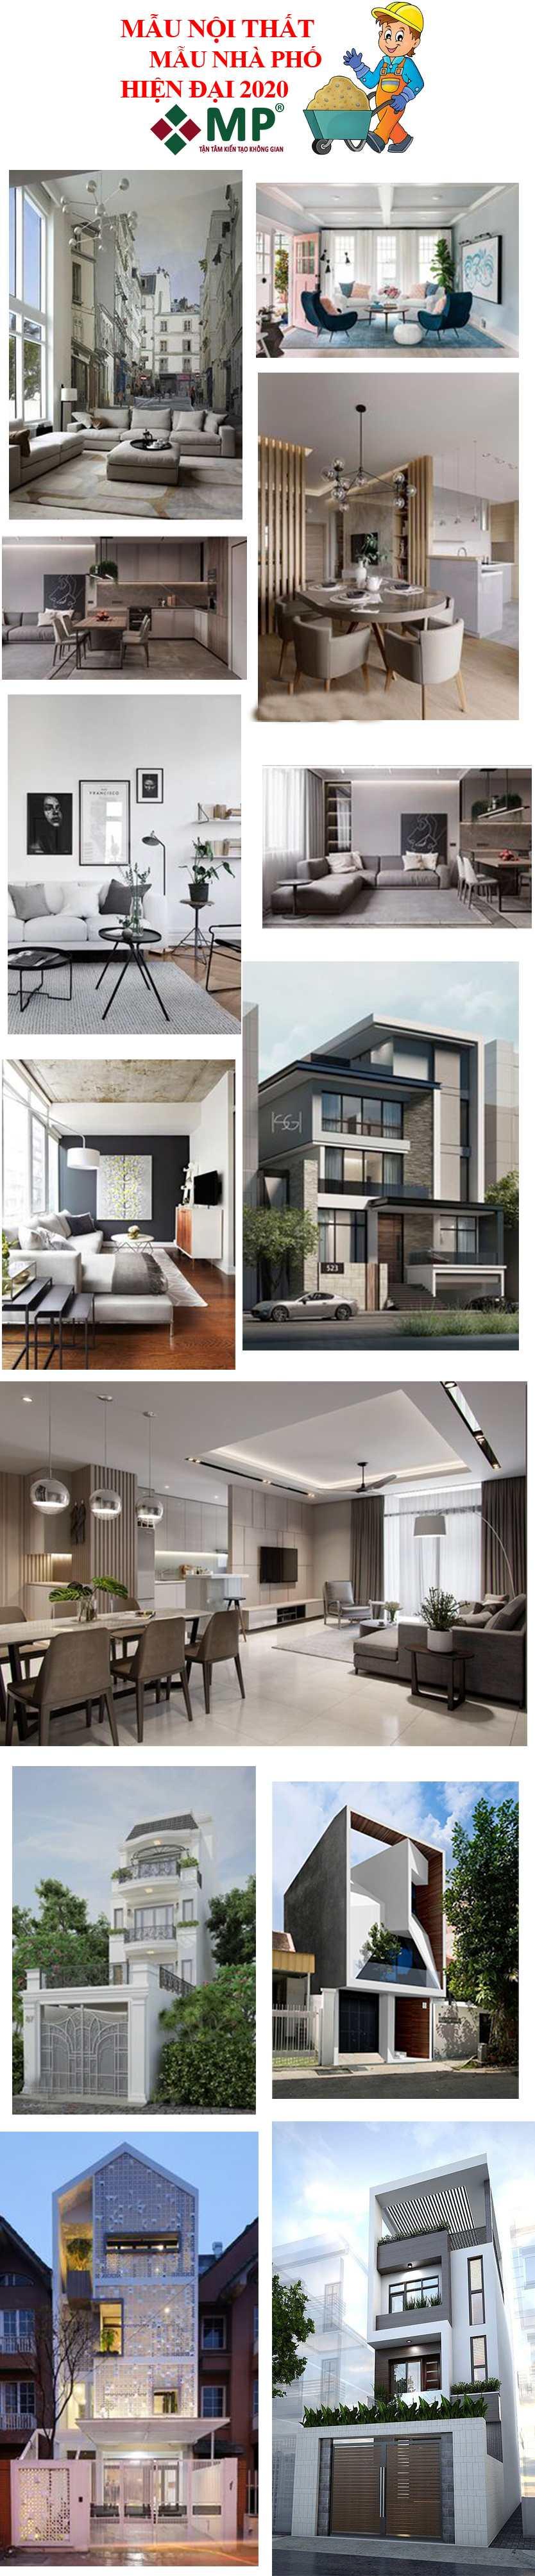 thiết kế thi công xây dựng nhà quận 7